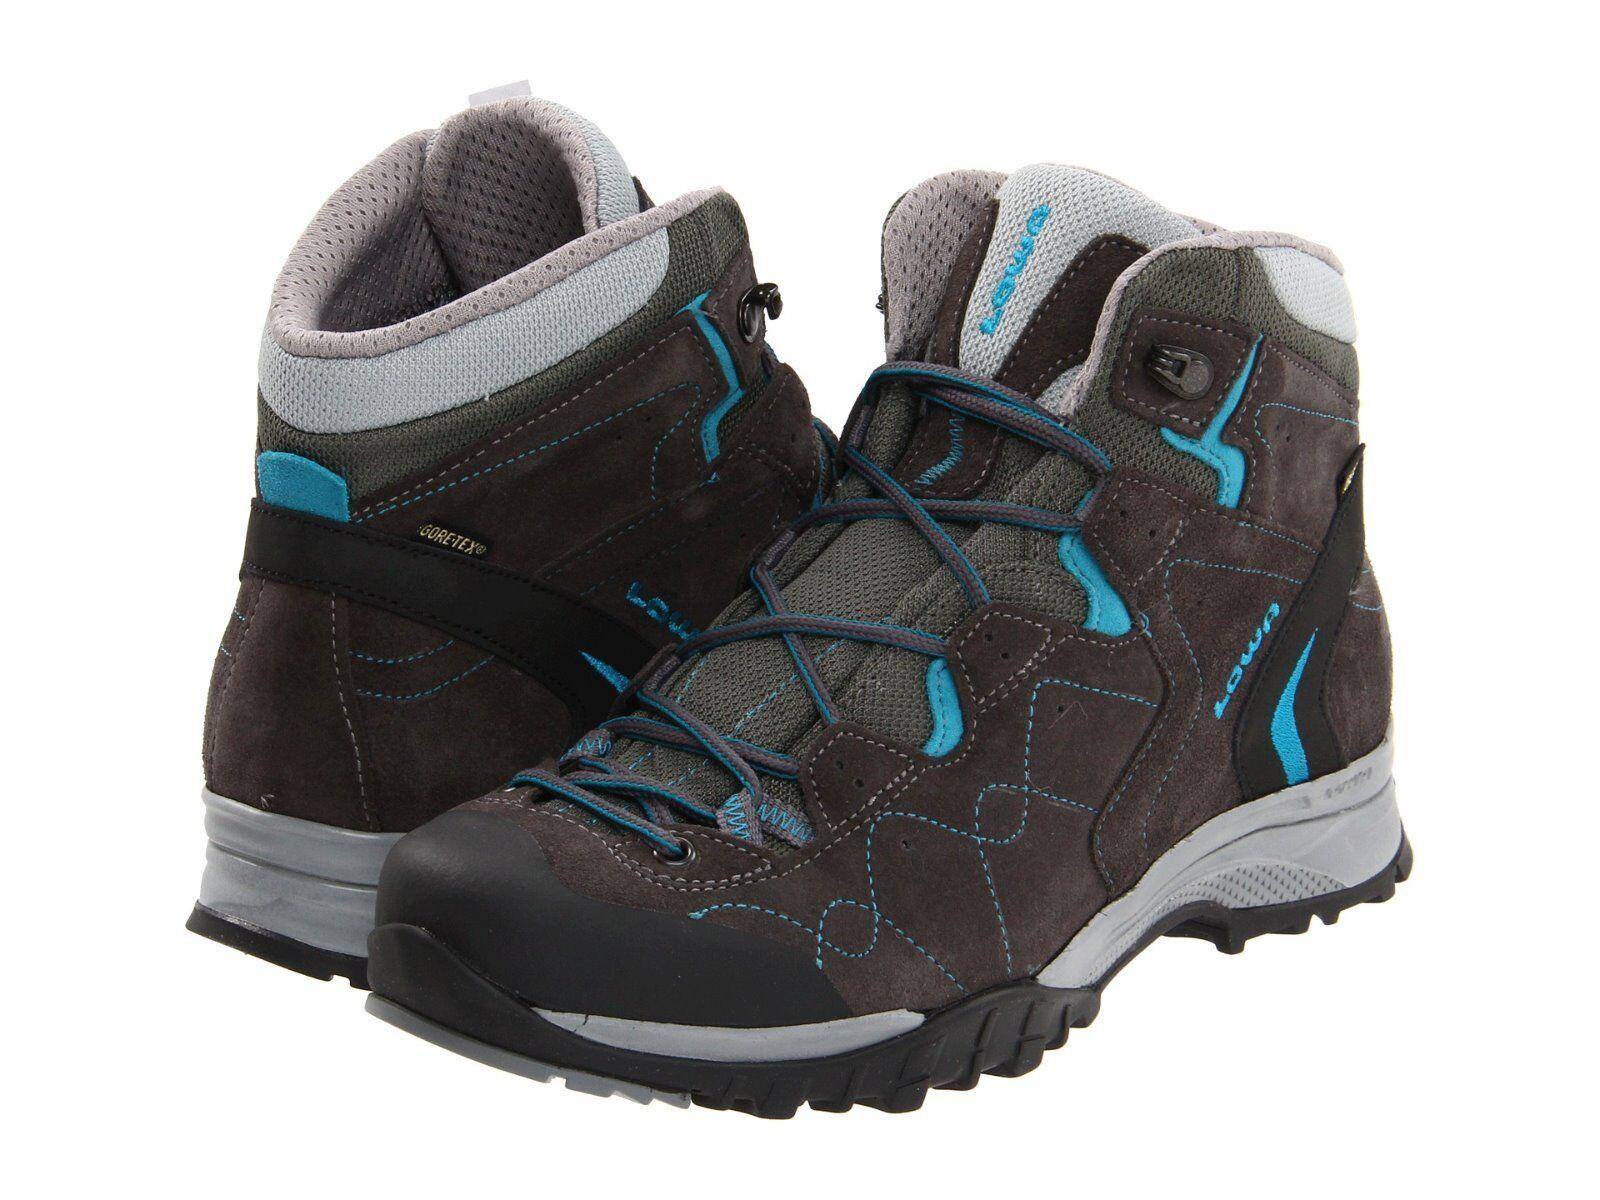 NIB  LWA FOCUS GTX QC WS Hiking Trail Trail Trail Vattensäker SZ 9.5 Kvinnor Ny L16 -001,2  70% rabatt